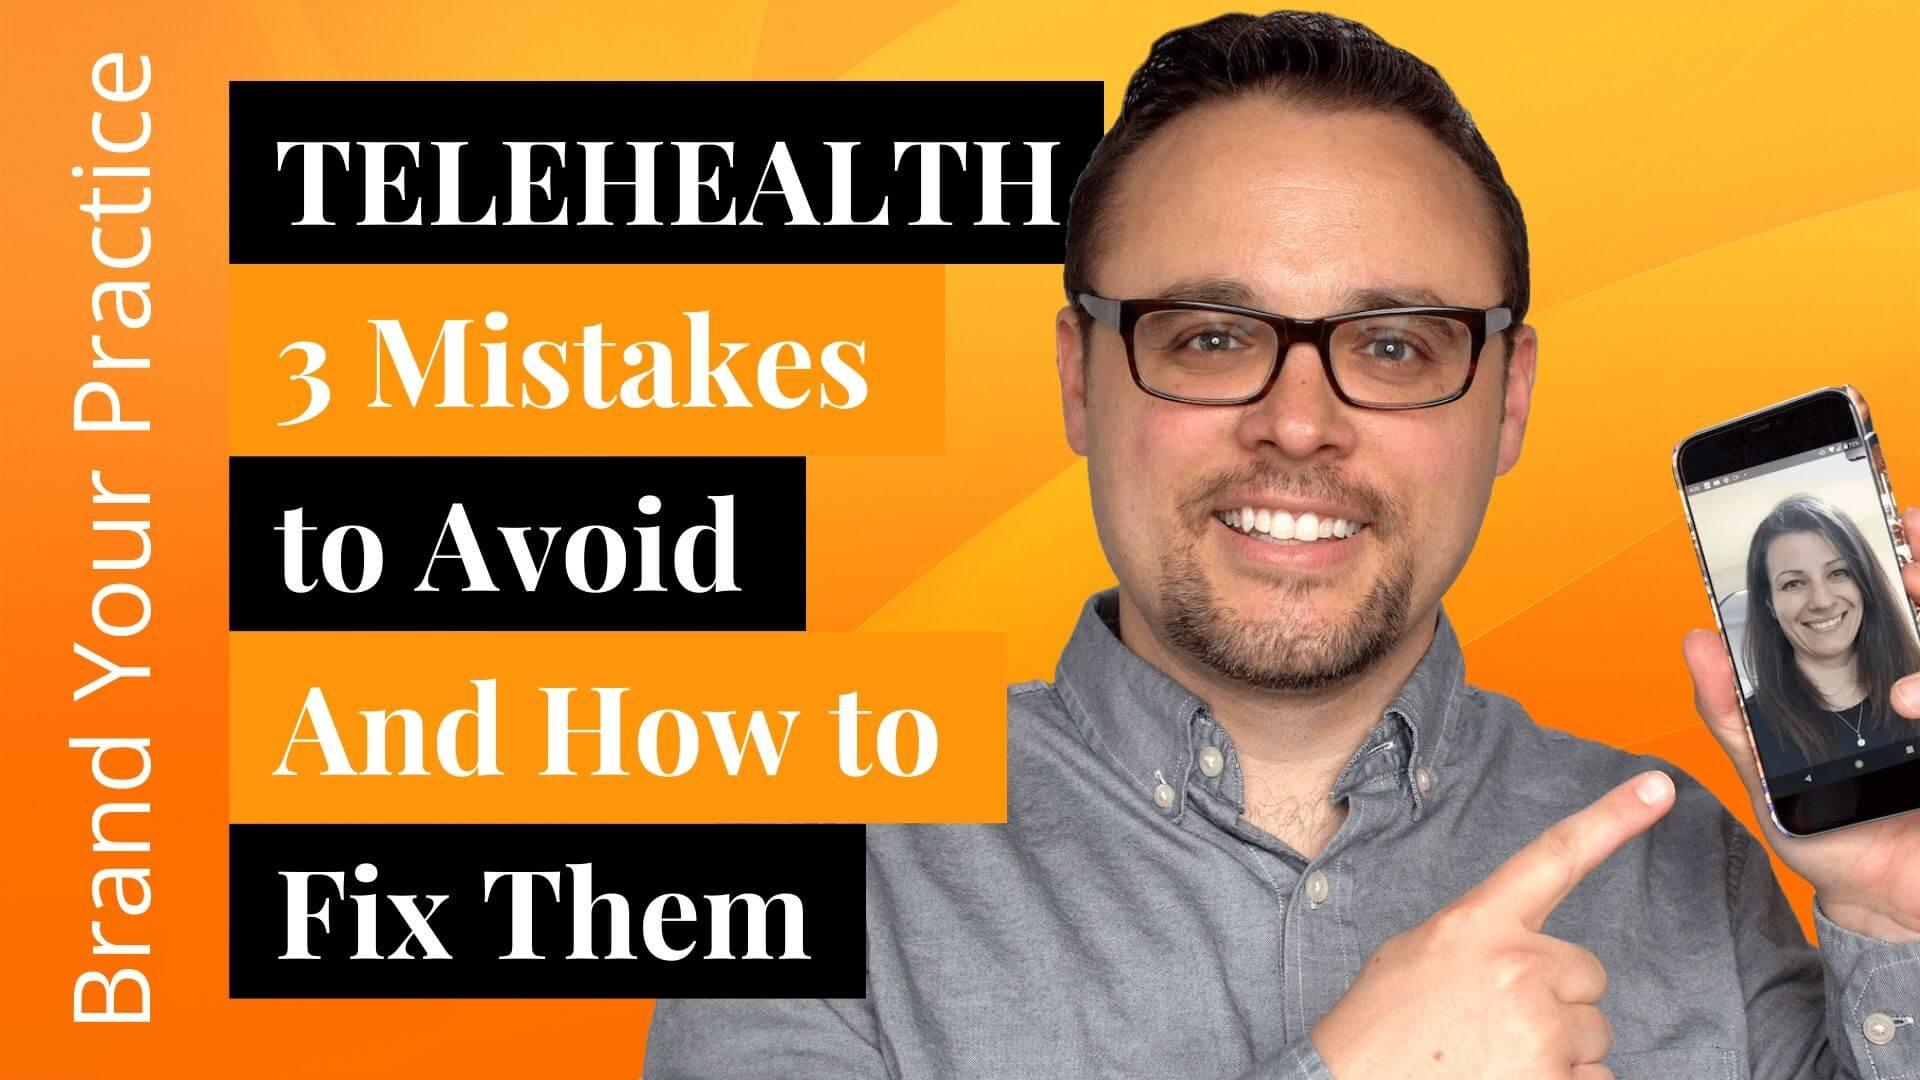 Telehealth 3 Mistakes To Avoid